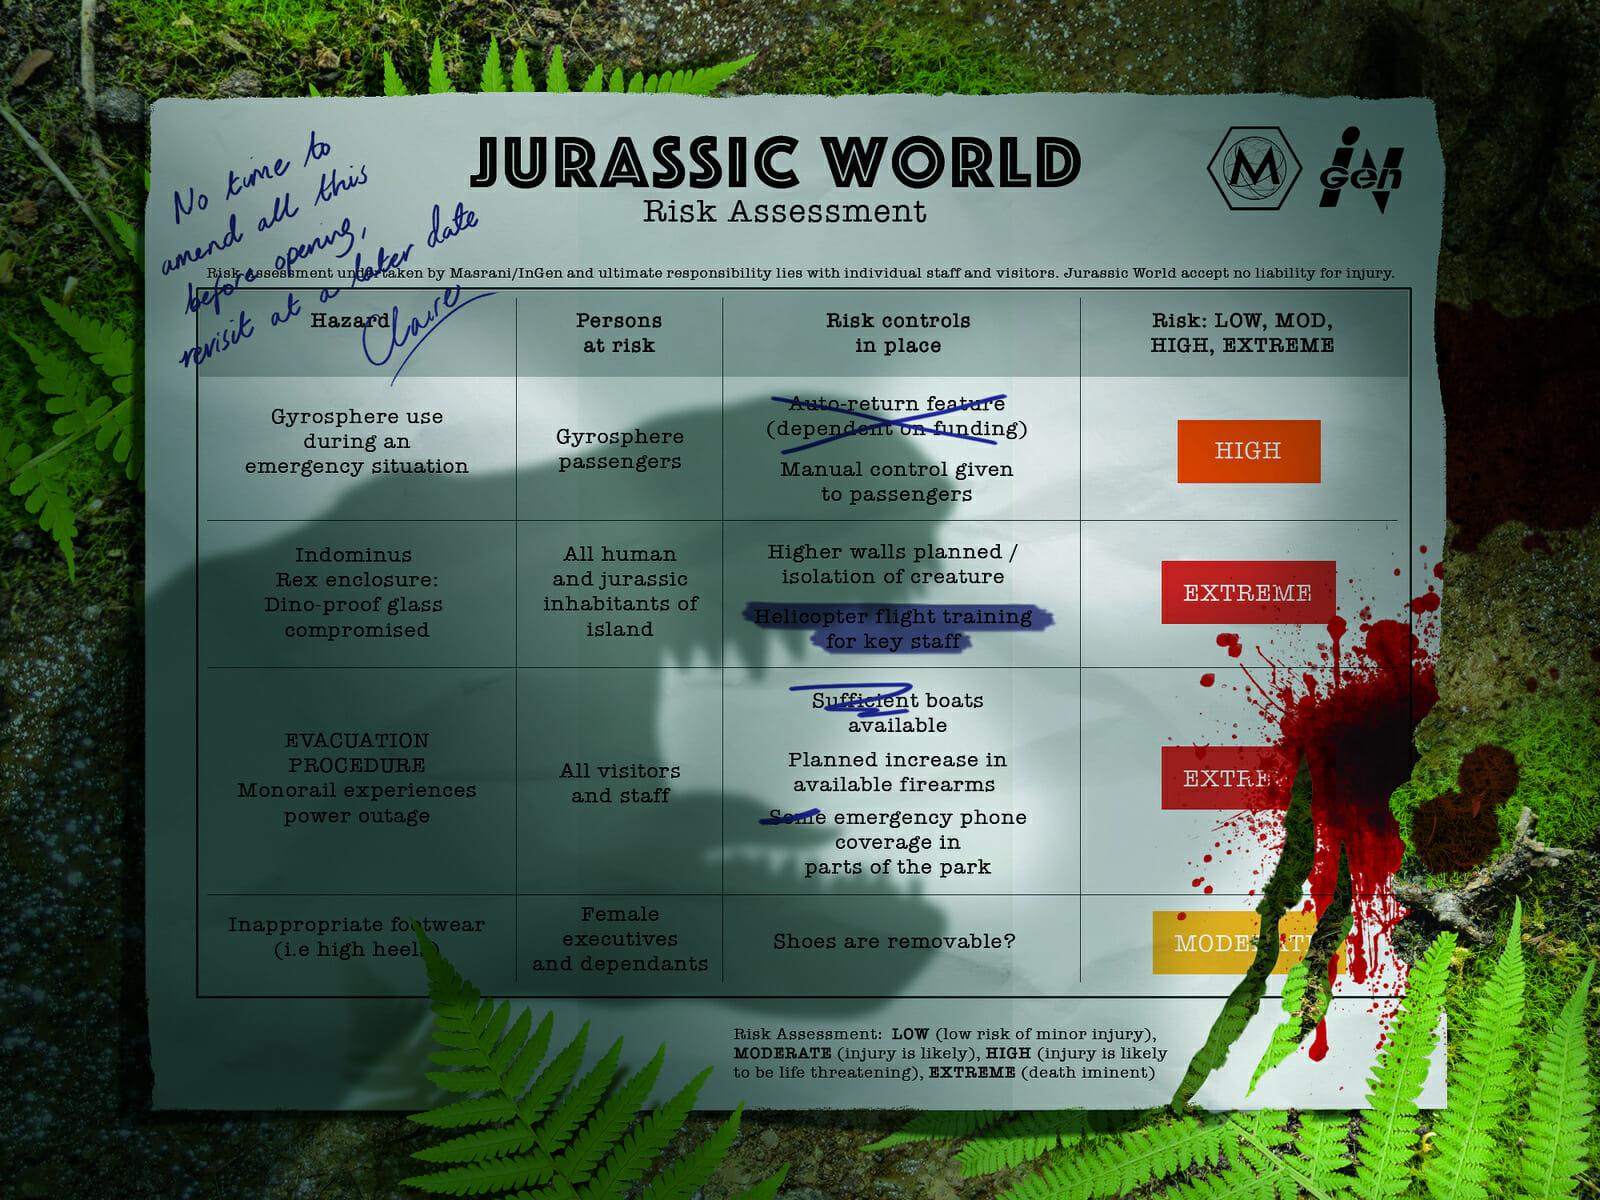 Jurassic World Risk Assessment